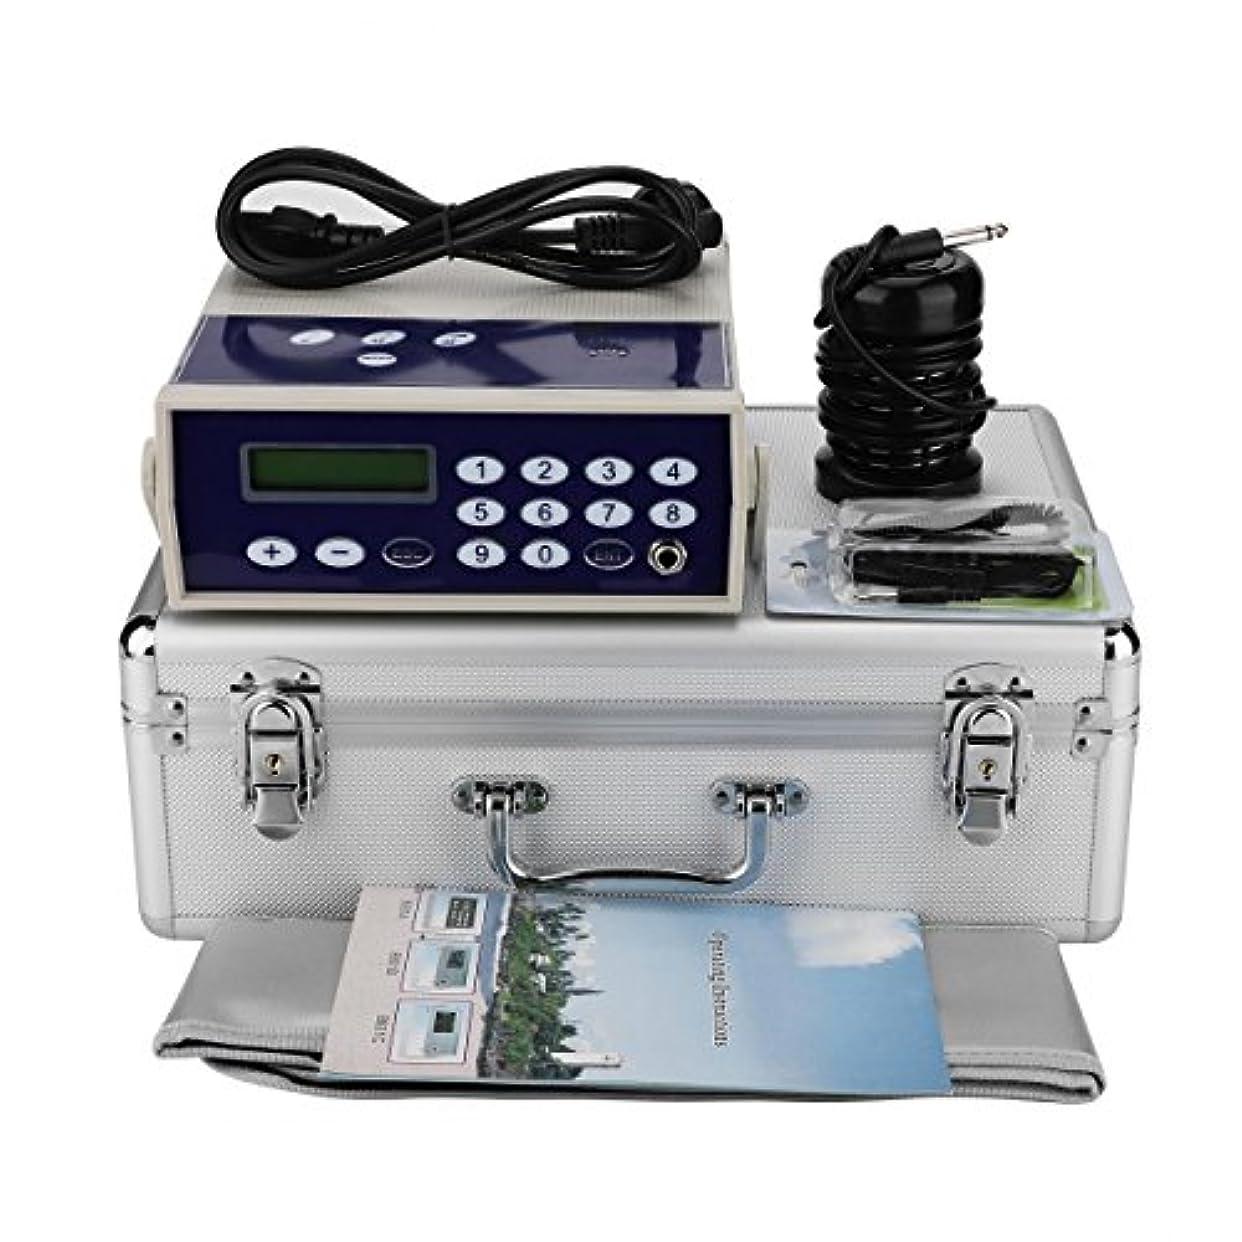 なんでも服を着る雨のイオンフットバスデトックスマシン、プロフェッショナルイオンイオンアレイボディデトックスマシンスパ赤外線腰ベルトで浄化(110-220V)